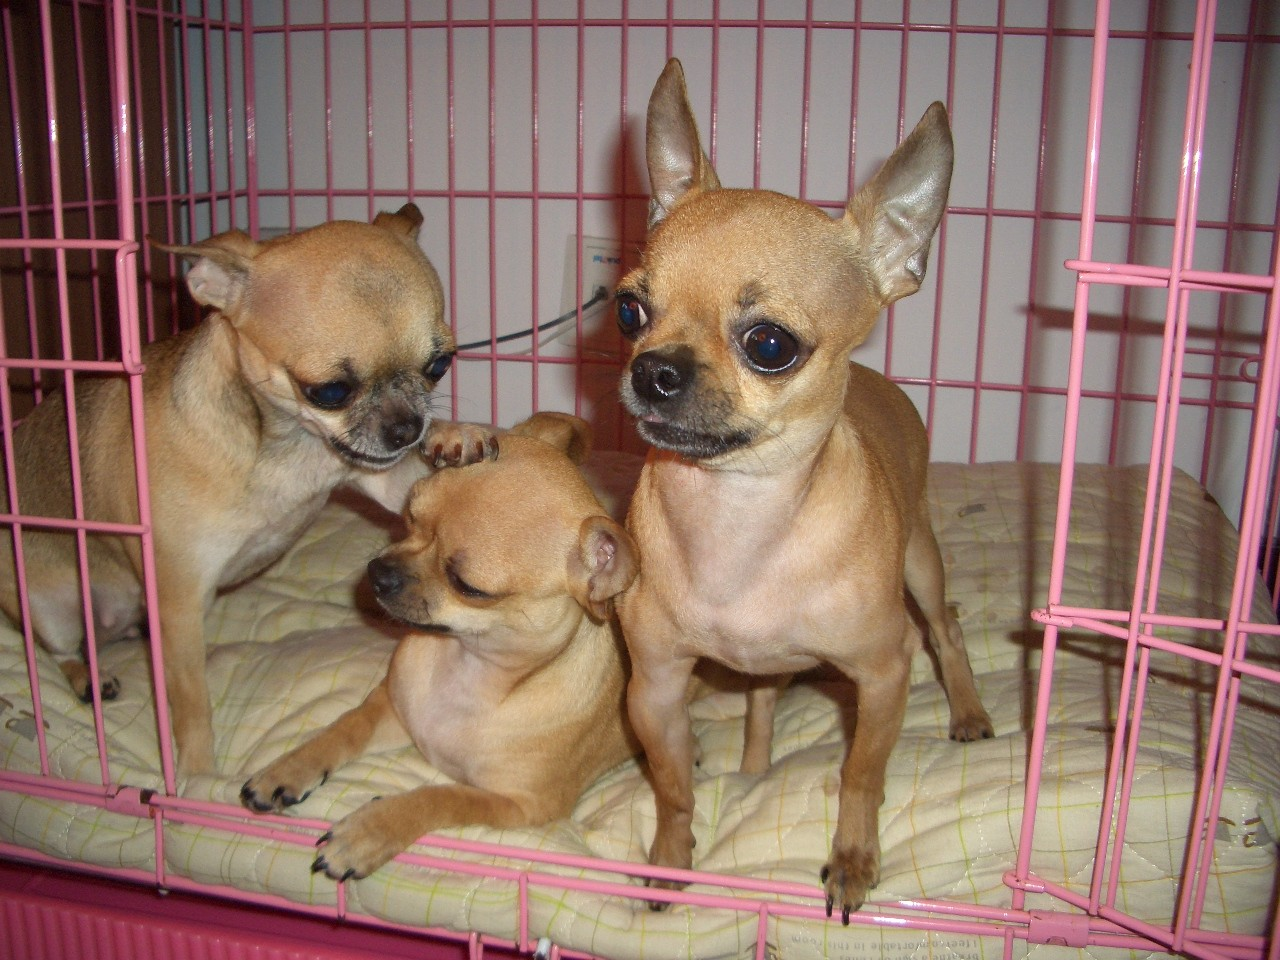 云南本地养狗场 养犬场 宠物犬基地 狗狗基地 大型正规犬舍出售纯种吉娃娃犬